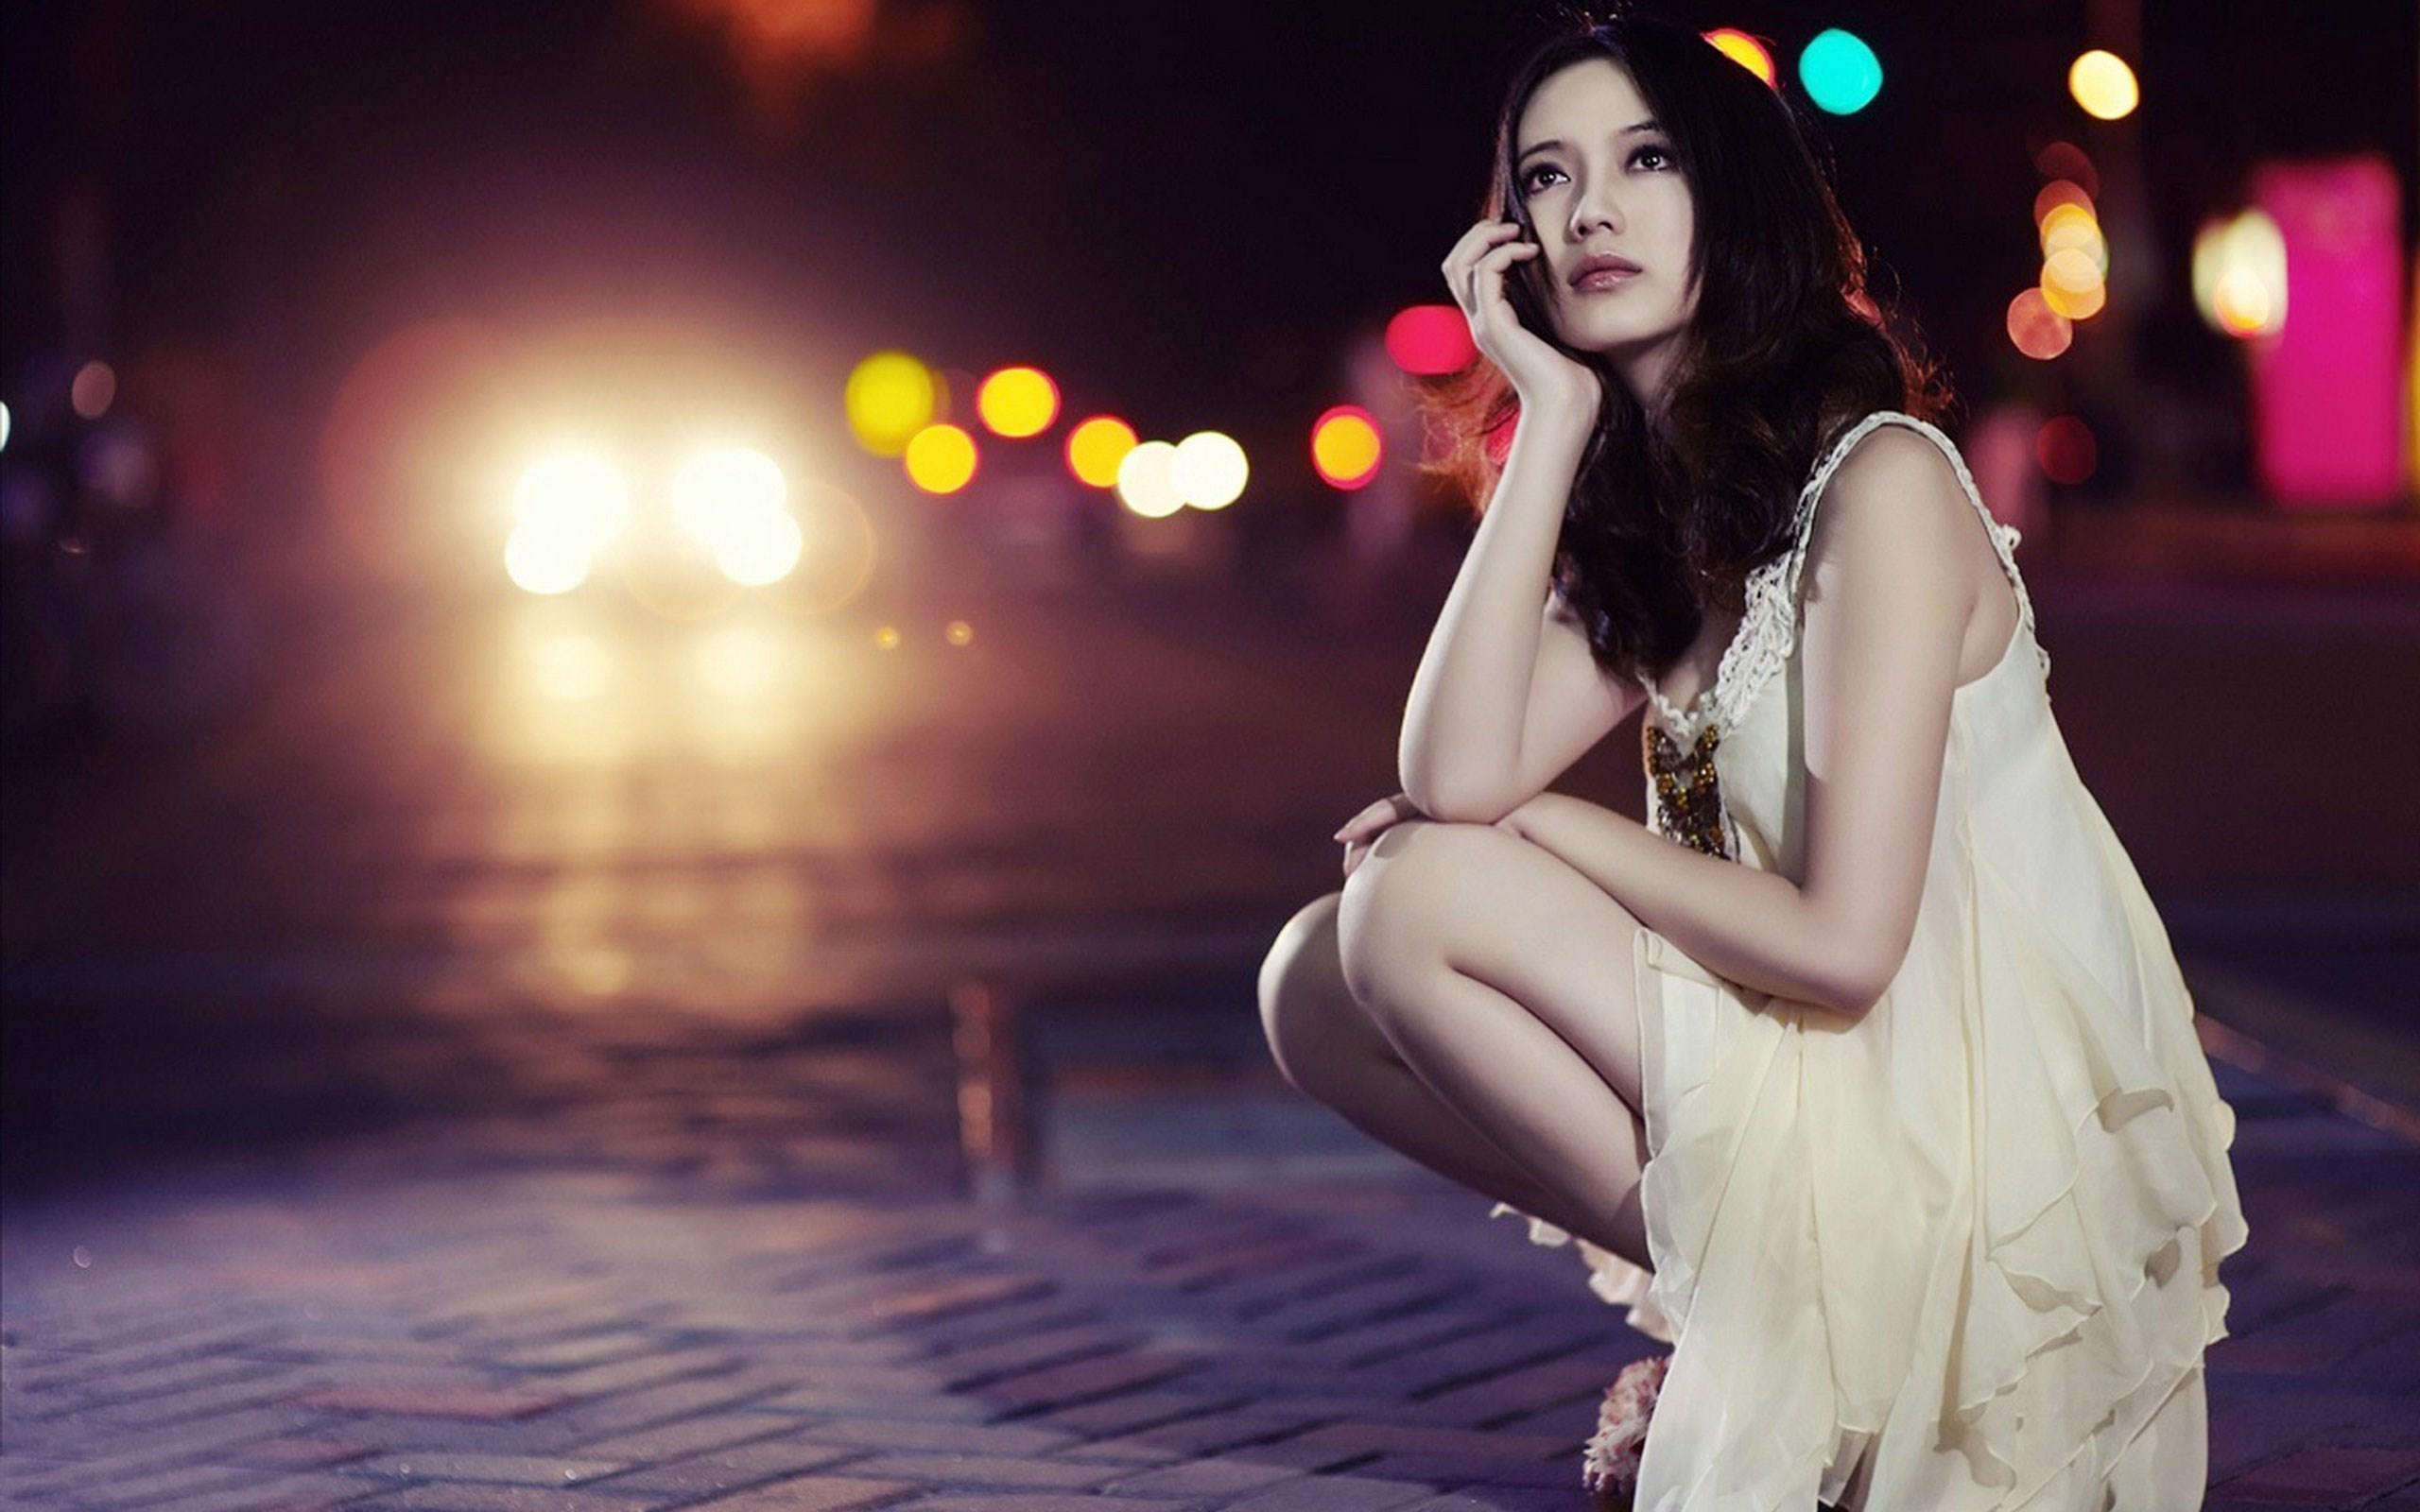 Cách bảo vệ hôn nhân của phụ nữ khôn ngoan: Không ngồi lê đôi mách chuyện nhà mình - Ảnh 3